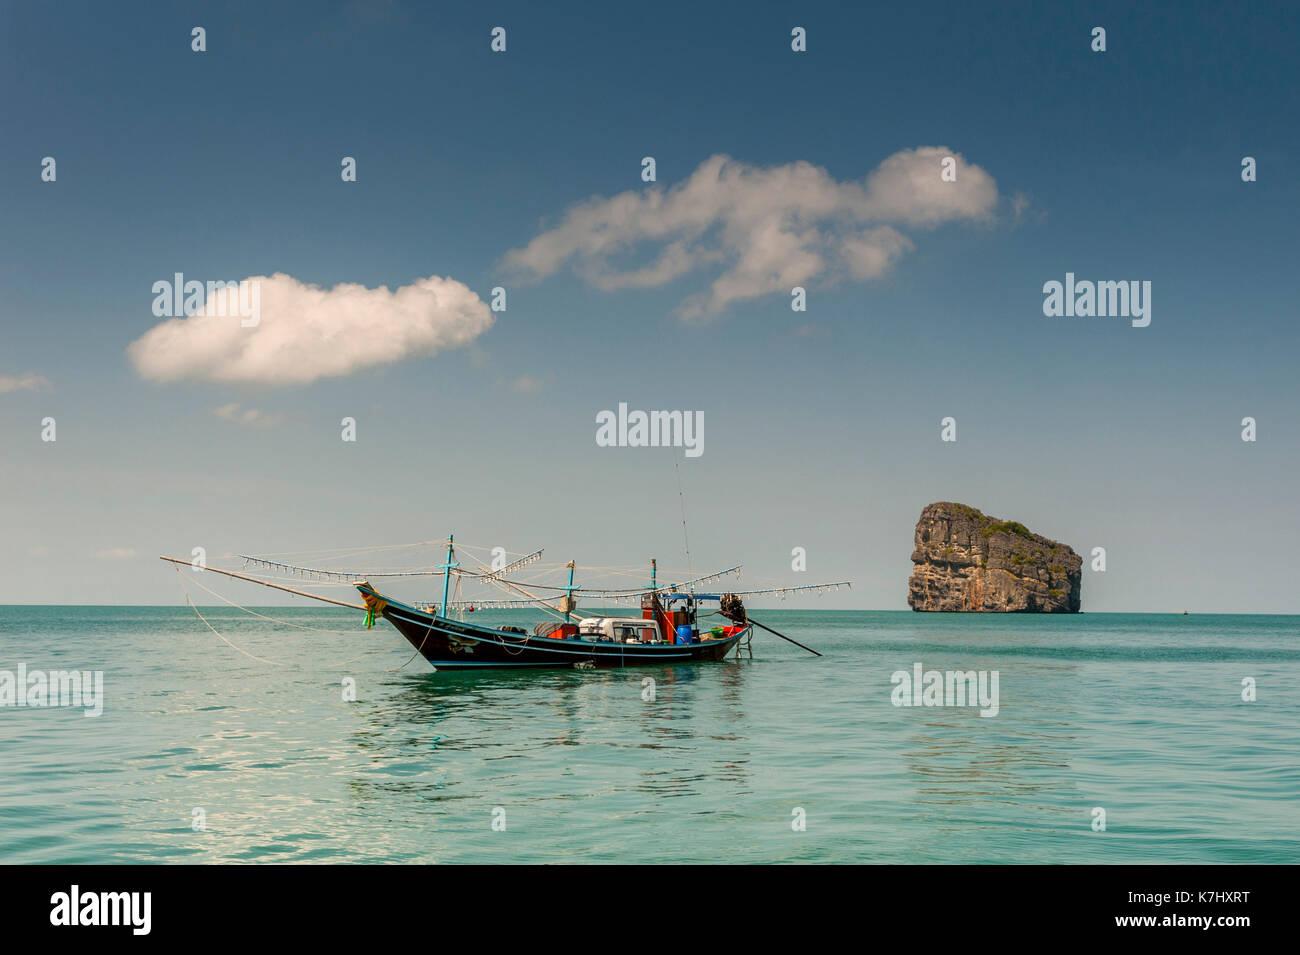 Barca da pesca, parco nazionale marino di Ang Thong, Thailandia Immagini Stock